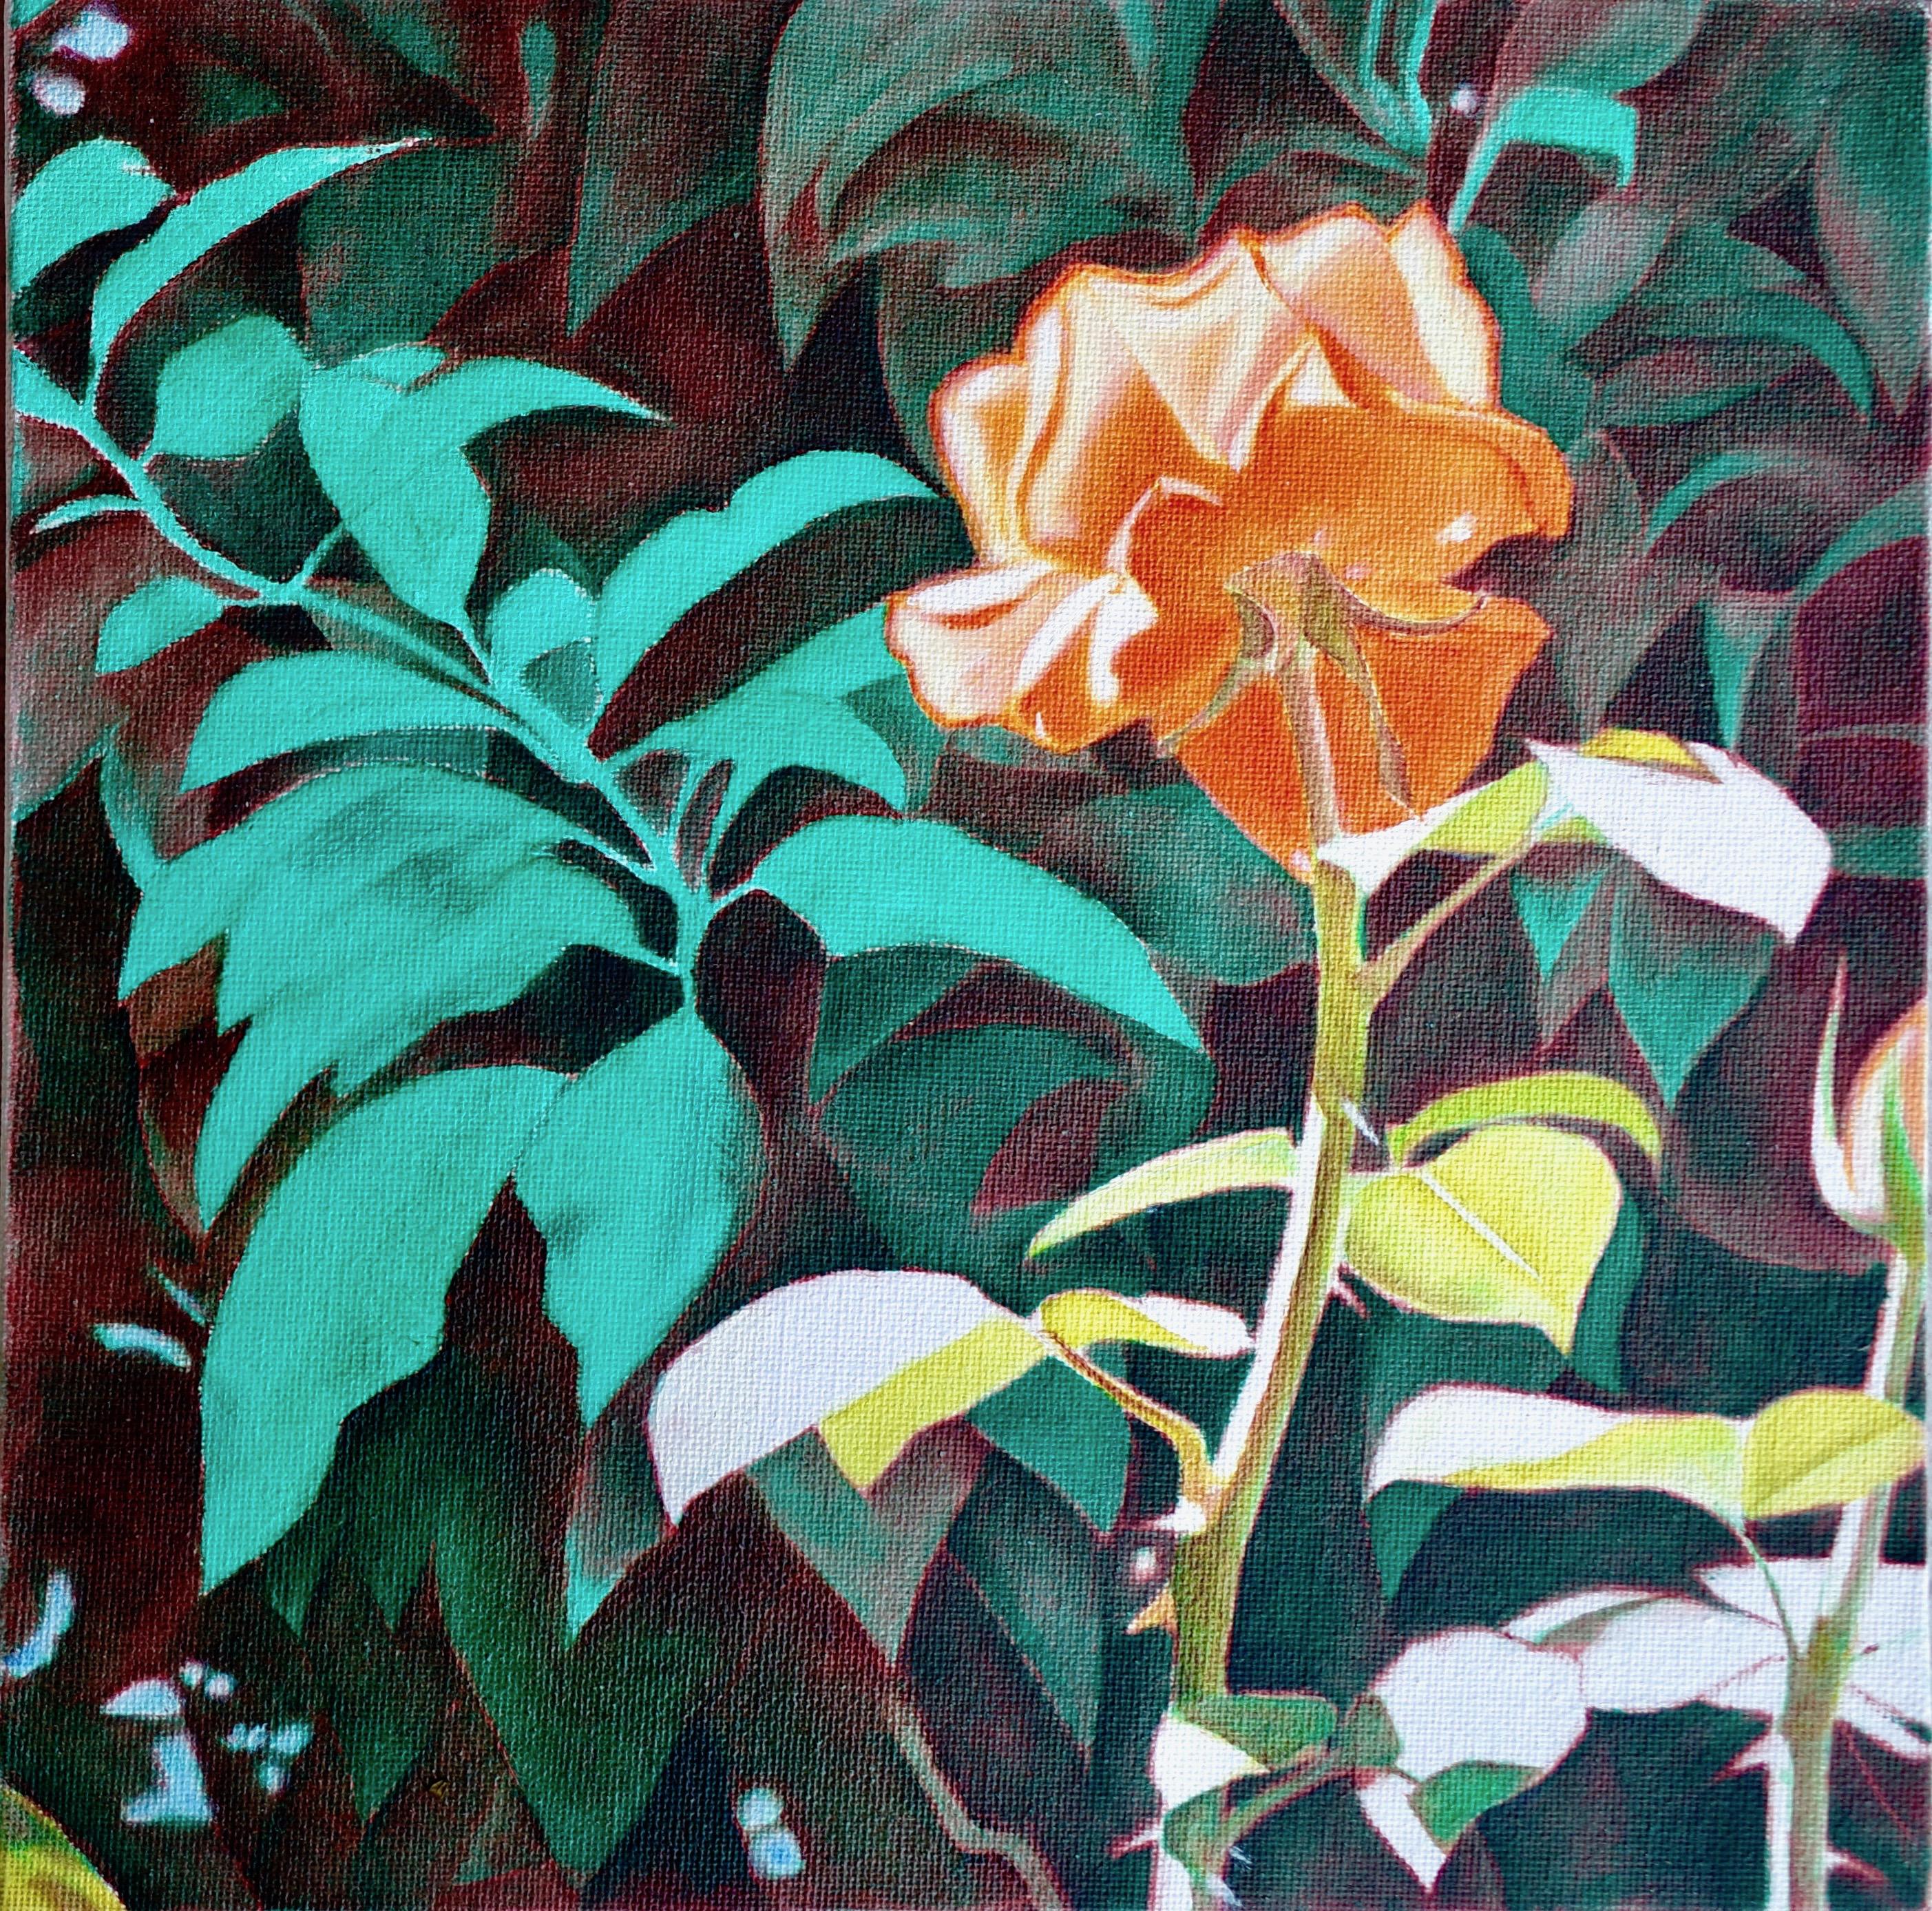 Rose Variante I